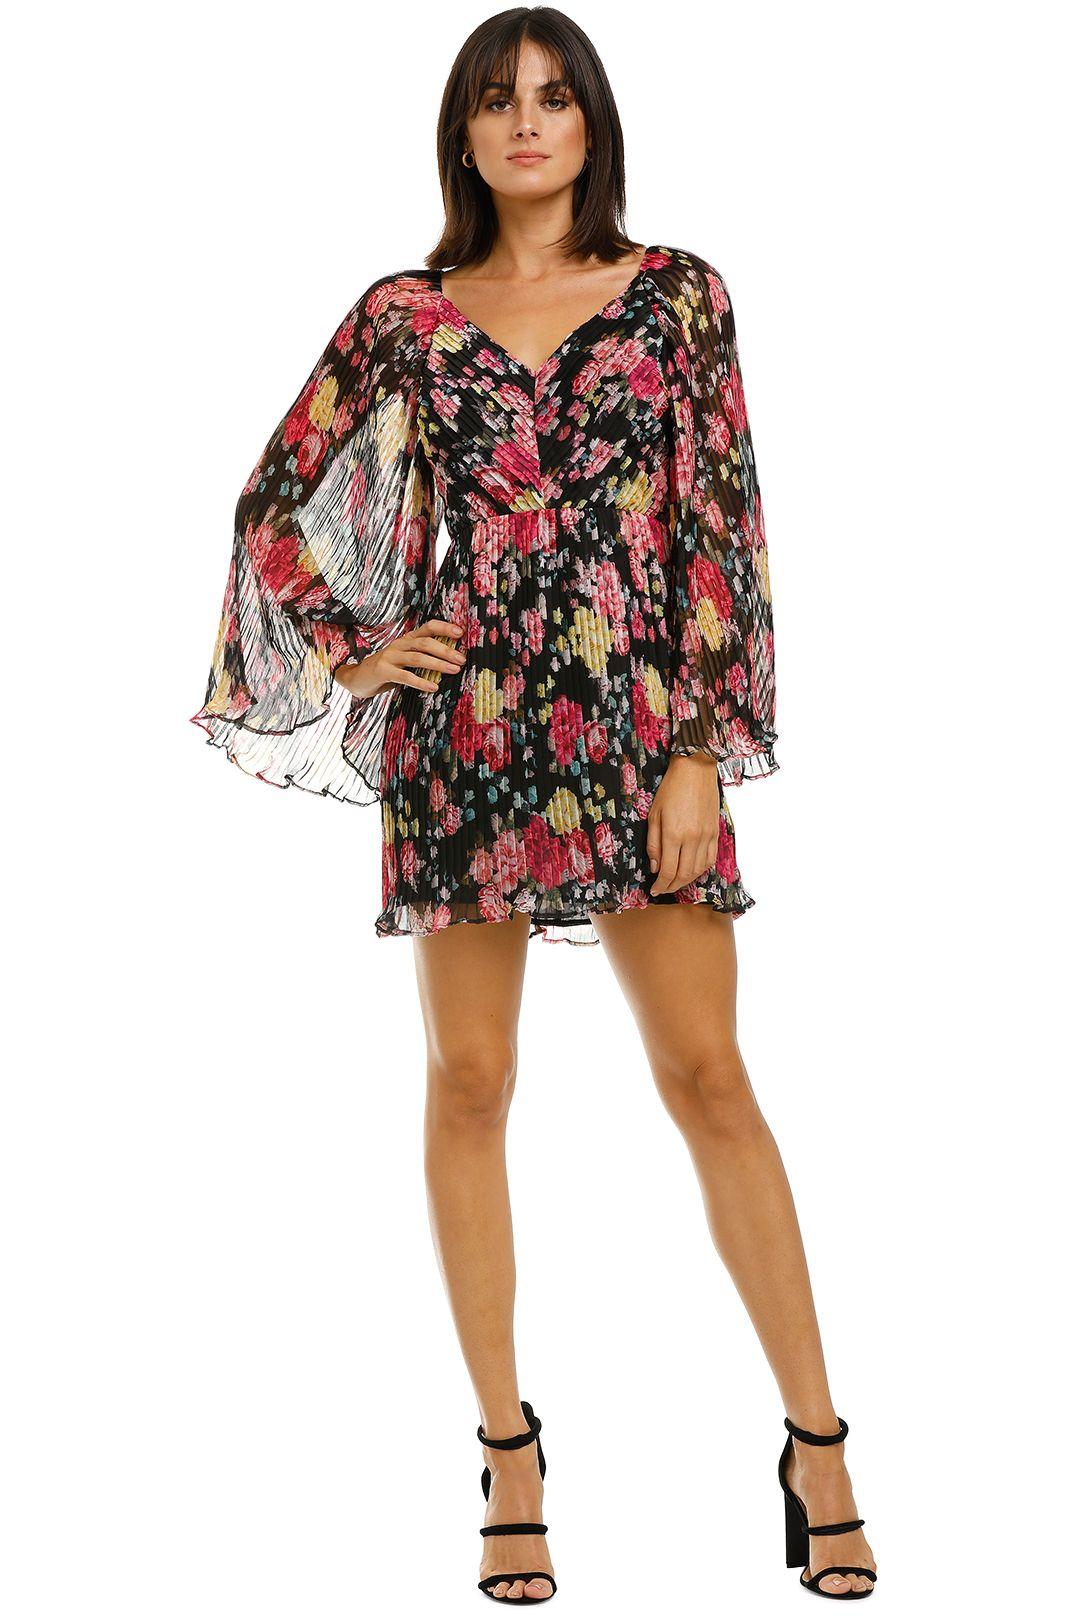 Talulah-Midnight-Fiesta-Mini-Dress-Print-Front